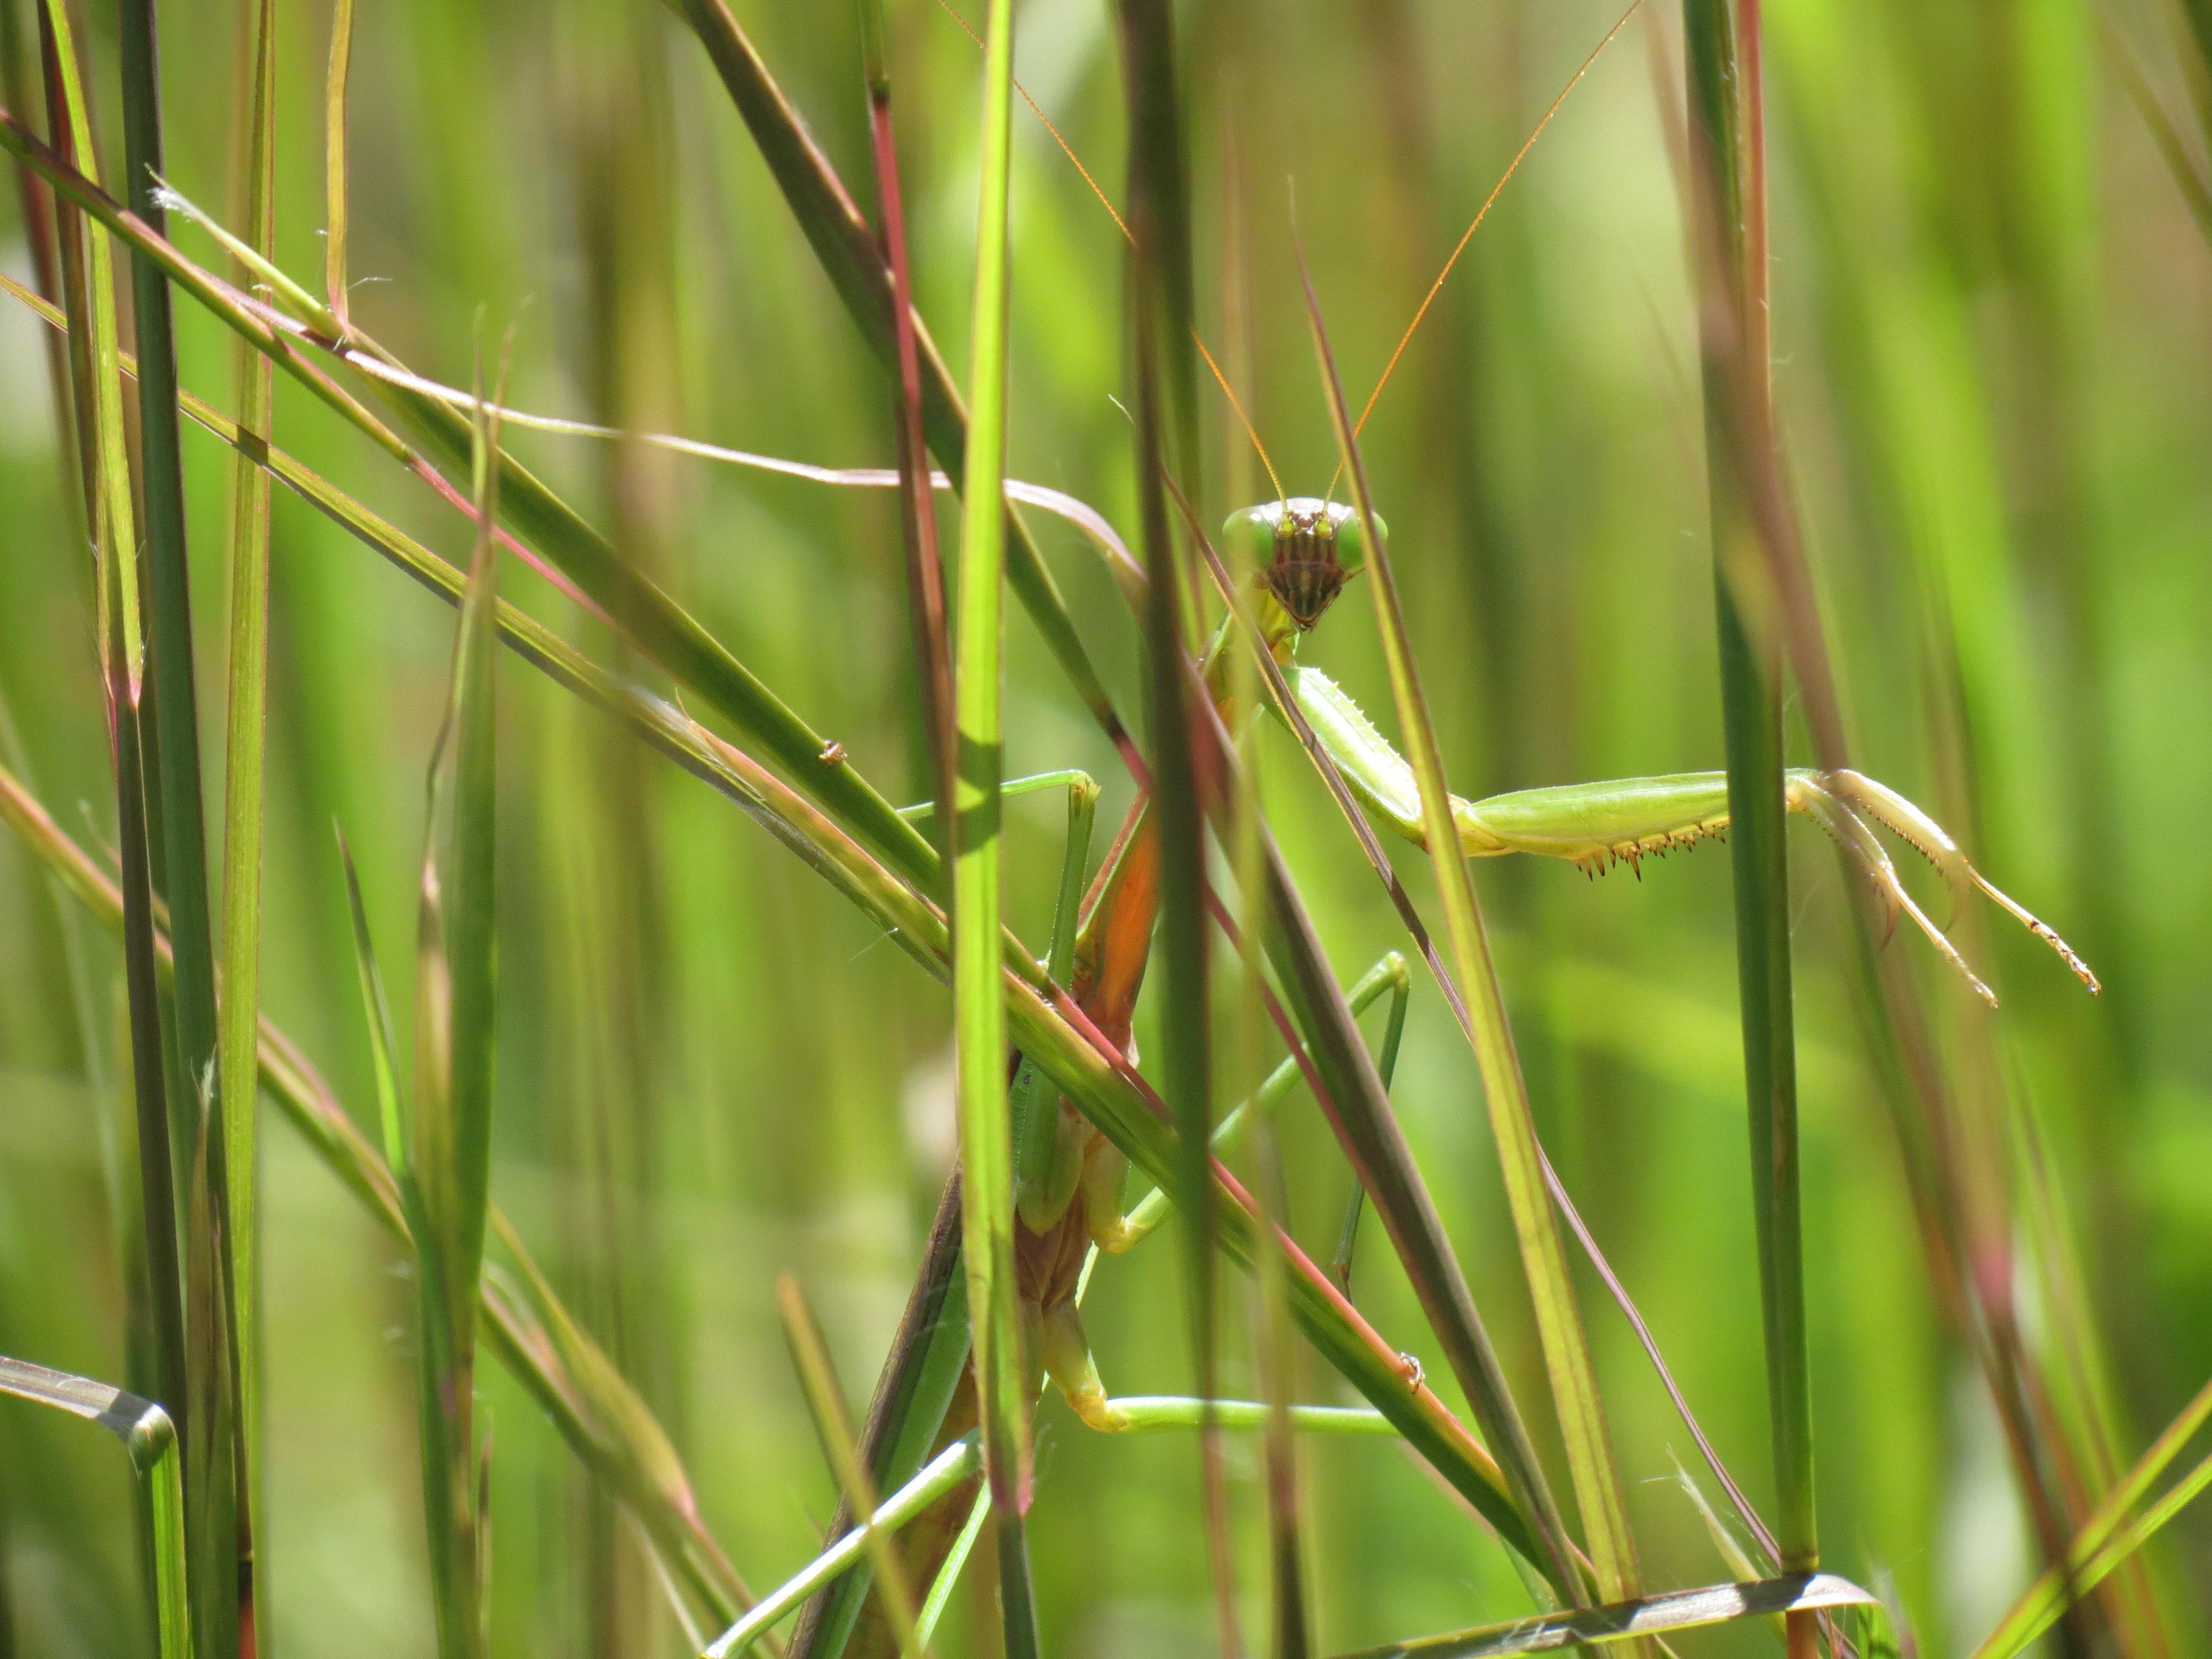 Praying Mantis Camouflage Coloring Page